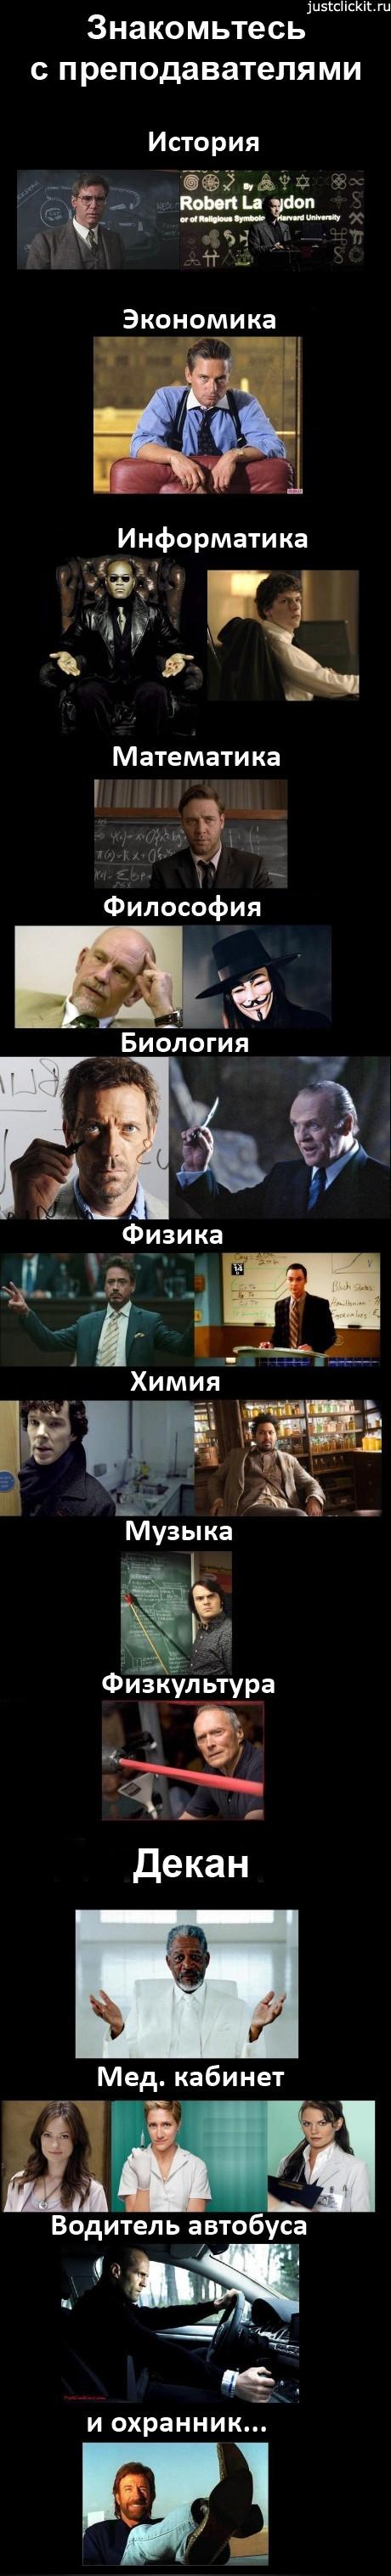 Идеальные преподаватели ВУЗа